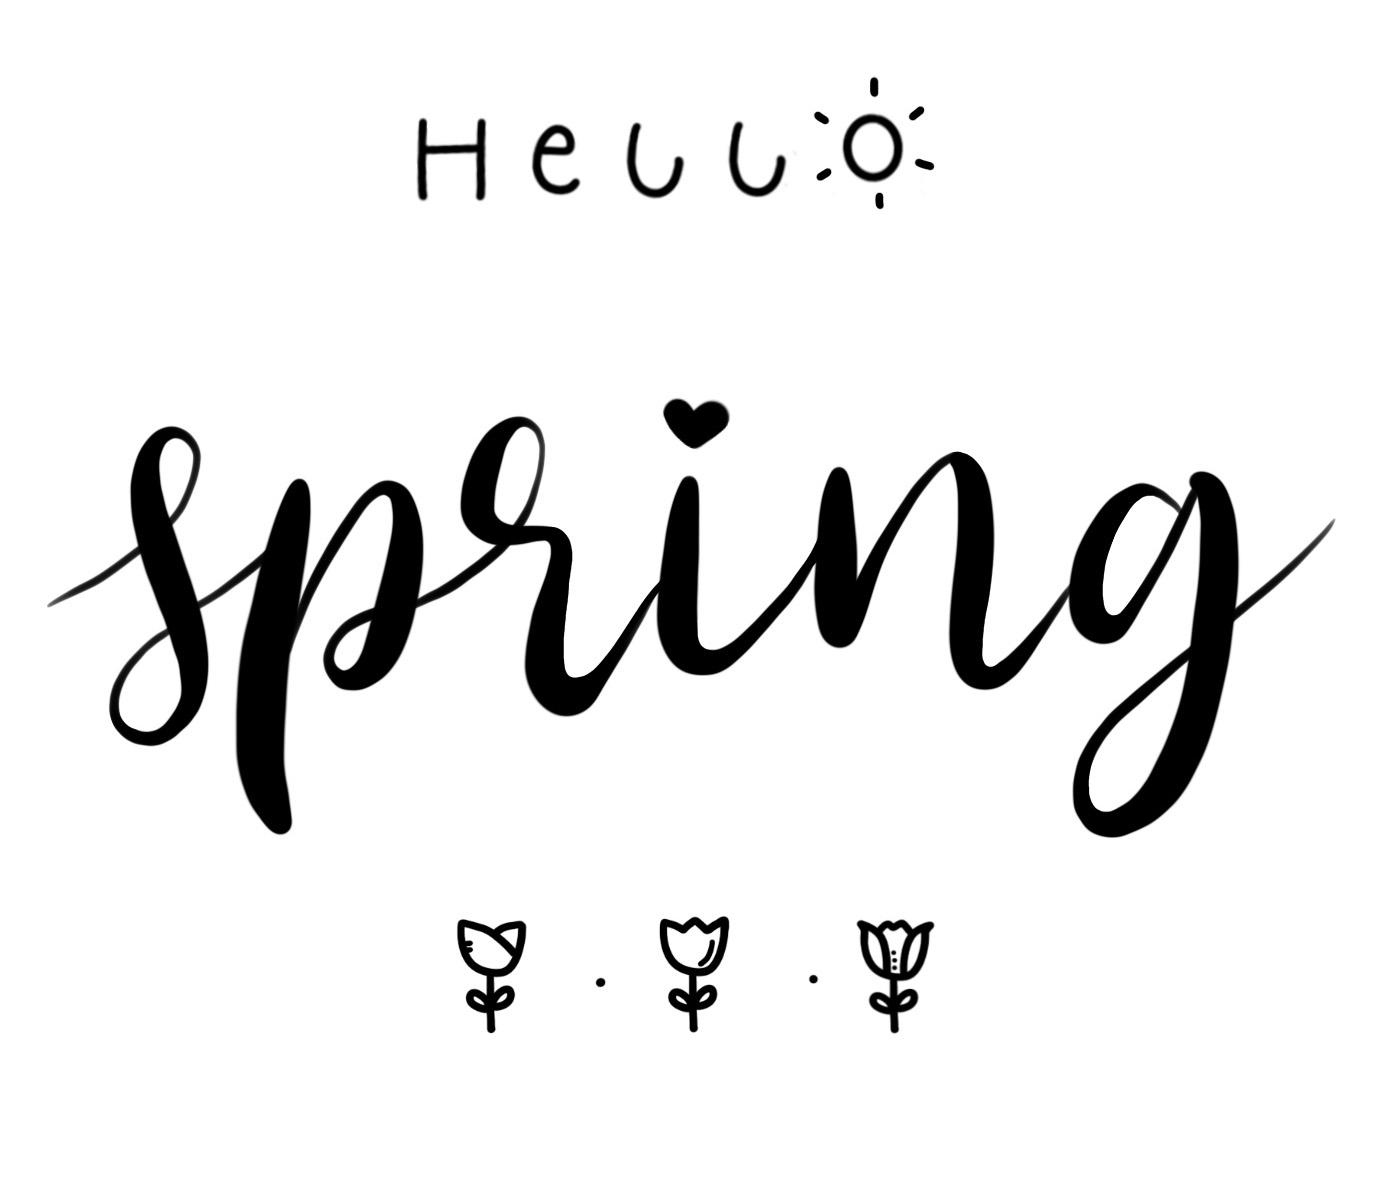 Lettering zum Frühlingsanfang oder auch als Oster lettering geeignet mit Brushpen Lettering und kleinen Frühlings - Icons wie Sonne und Blumen als Dekoration.